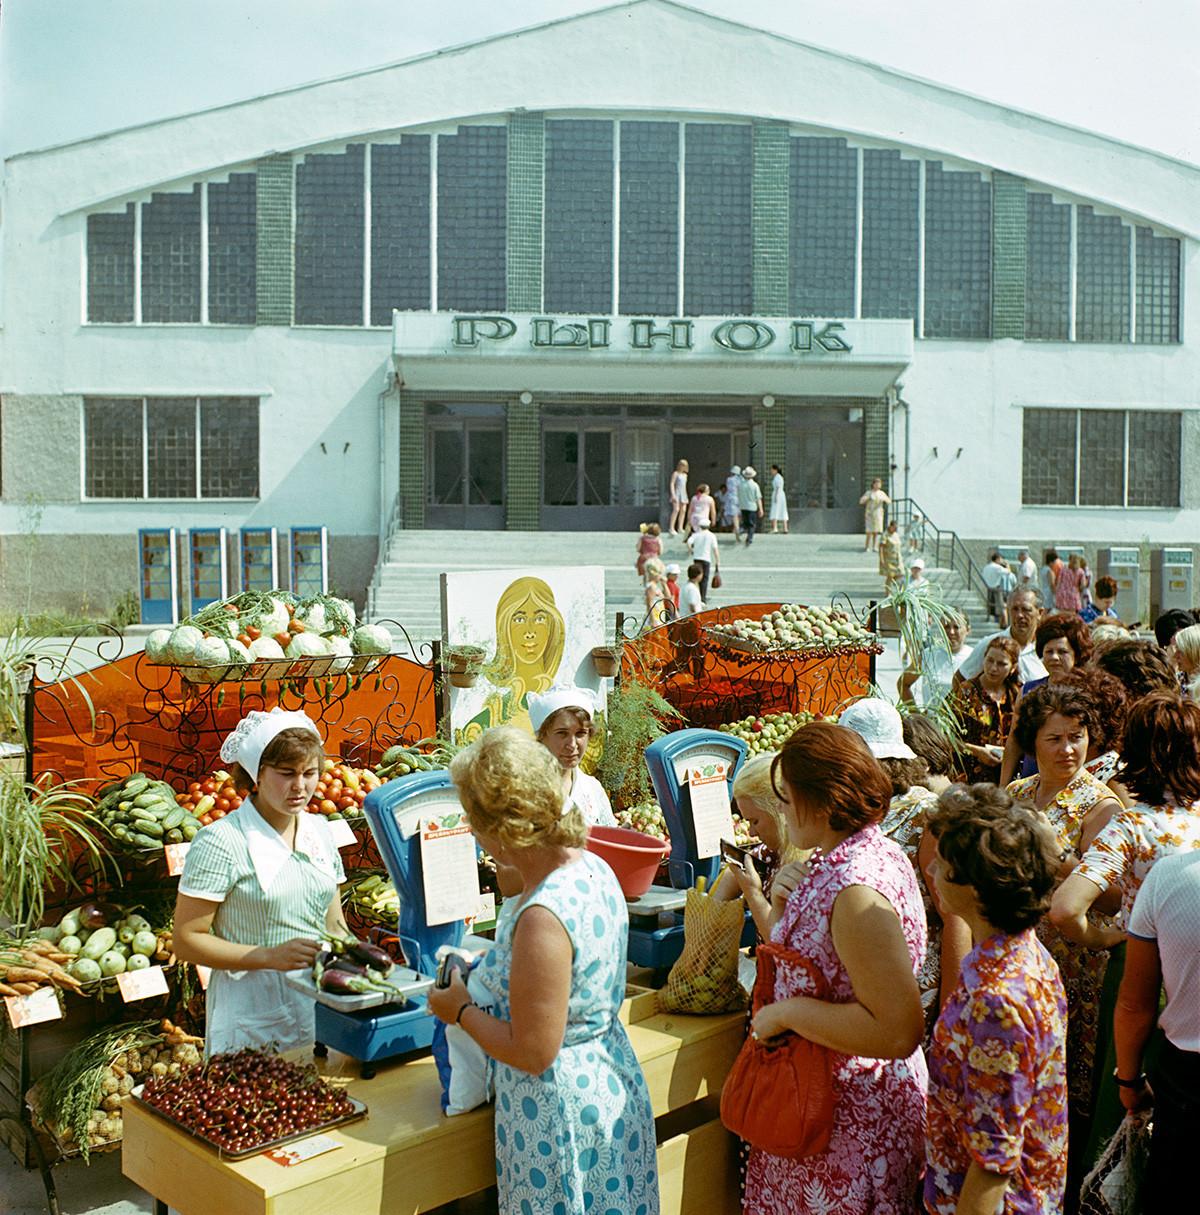 Vendedores de frutas e vegetais em uma rua em Eupatória, Crimeia, 1979